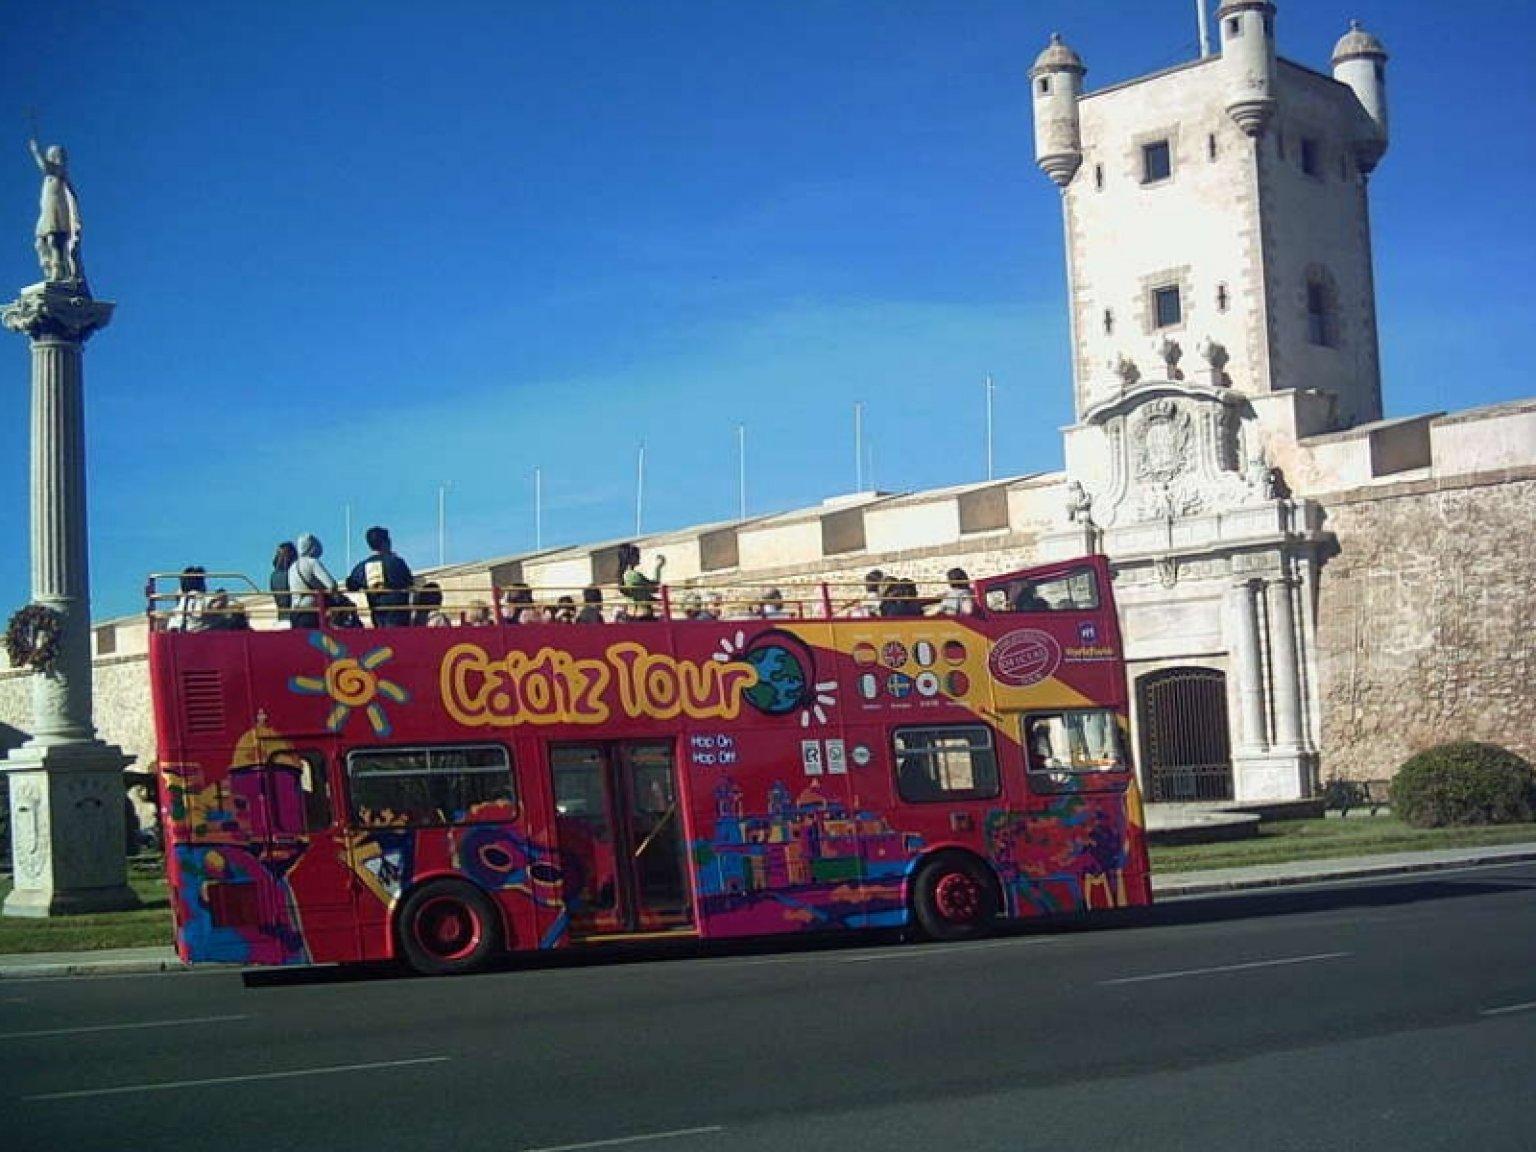 Oferta visita cadiz medieval y bus turistico for Oficina de turismo en cadiz